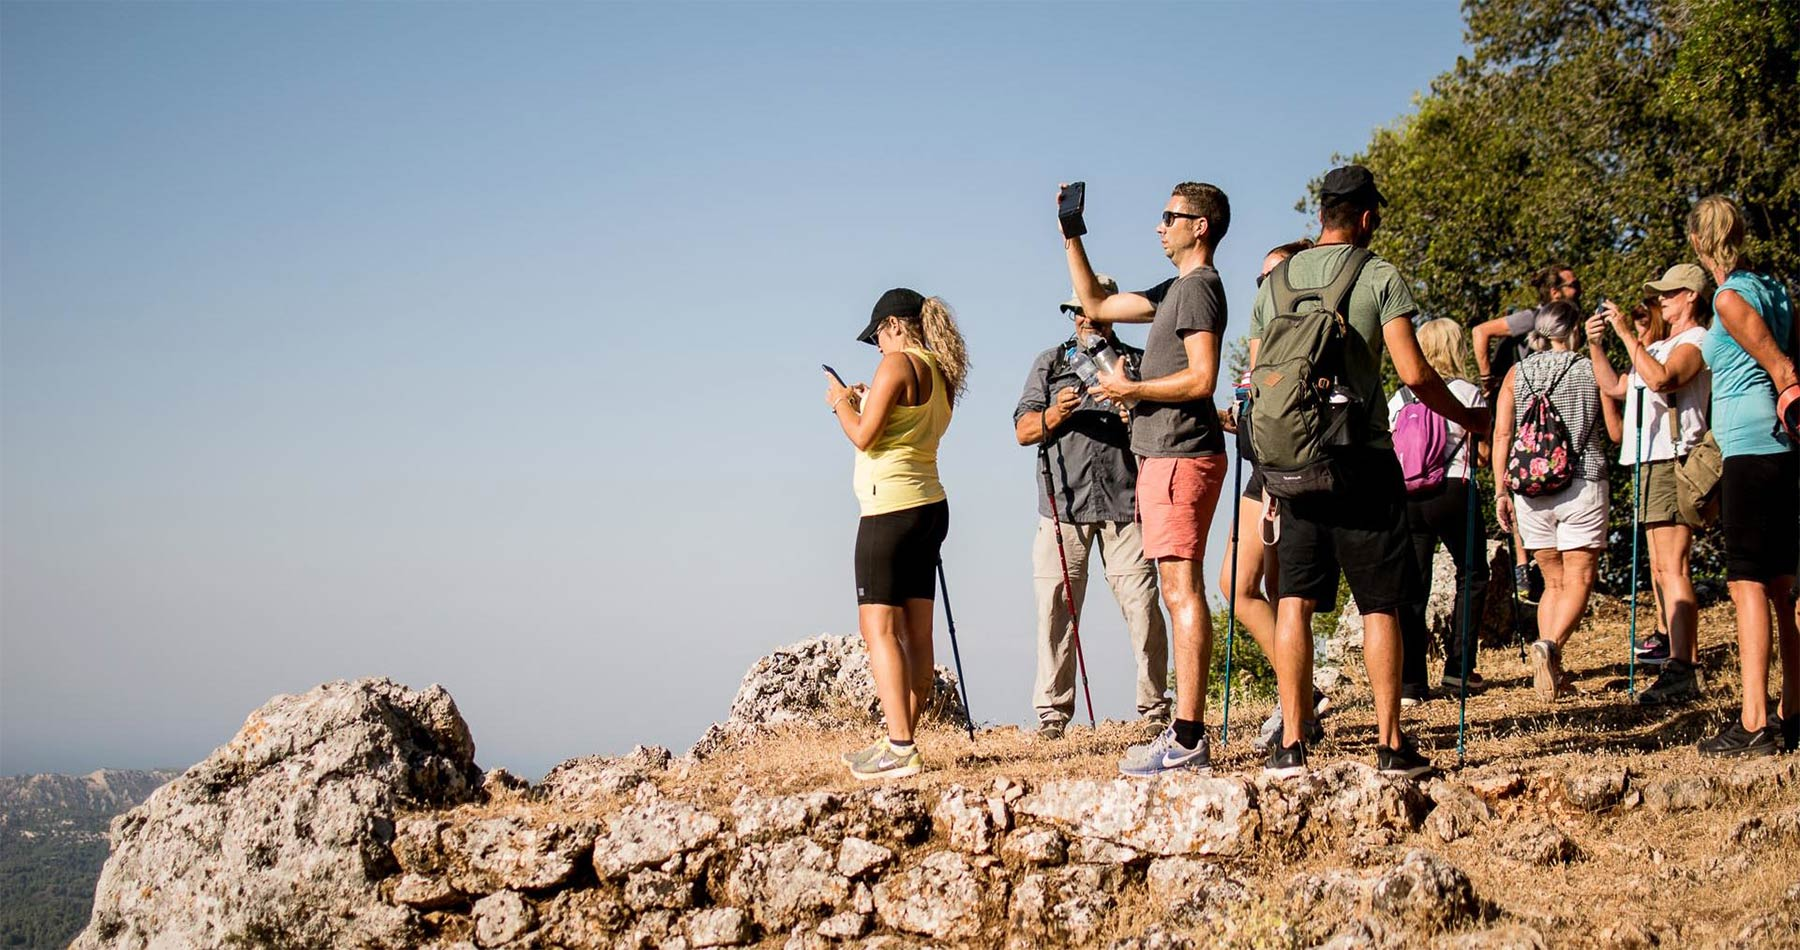 rhodes experiences amazing sunset hike profitis ilias 7